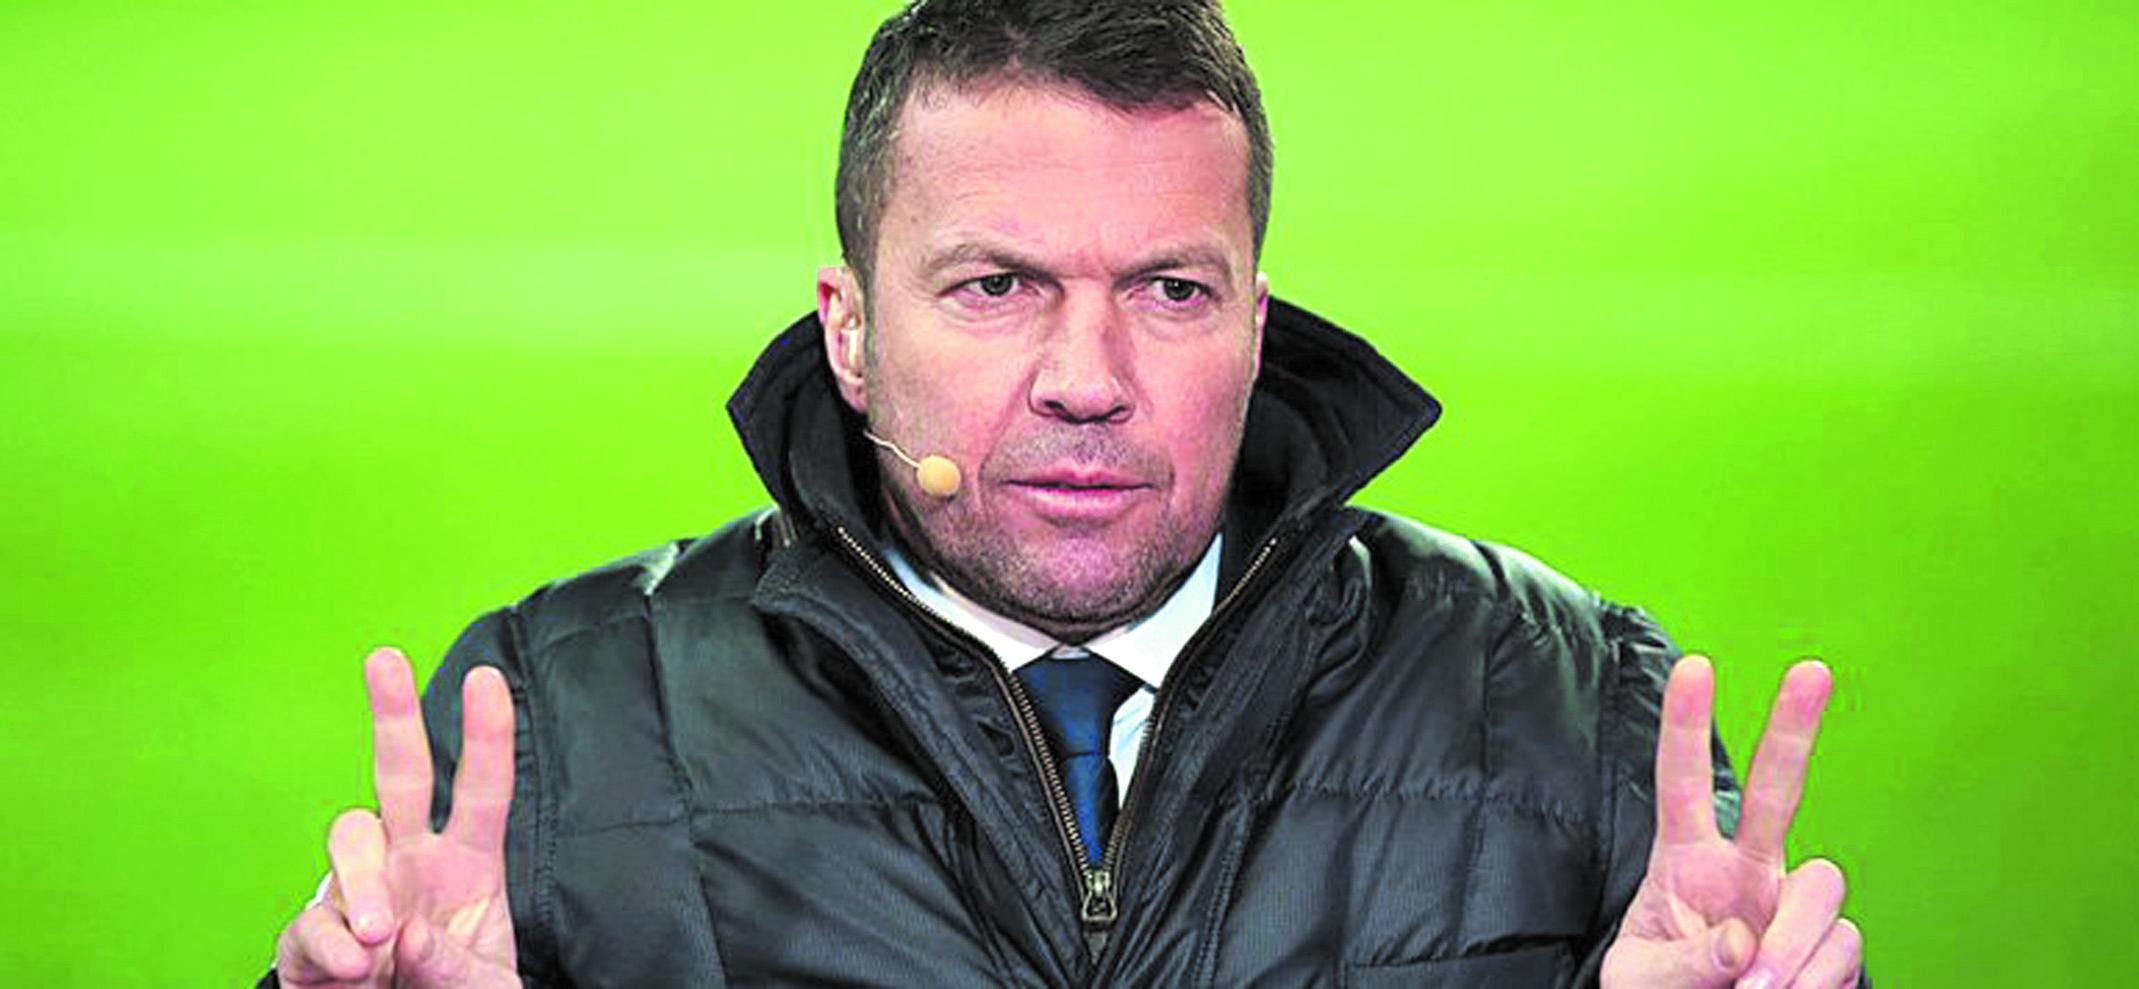 Lothar Matthäus nouvel ambassadeur du Maroc pour l'organisation du Mondial 2026